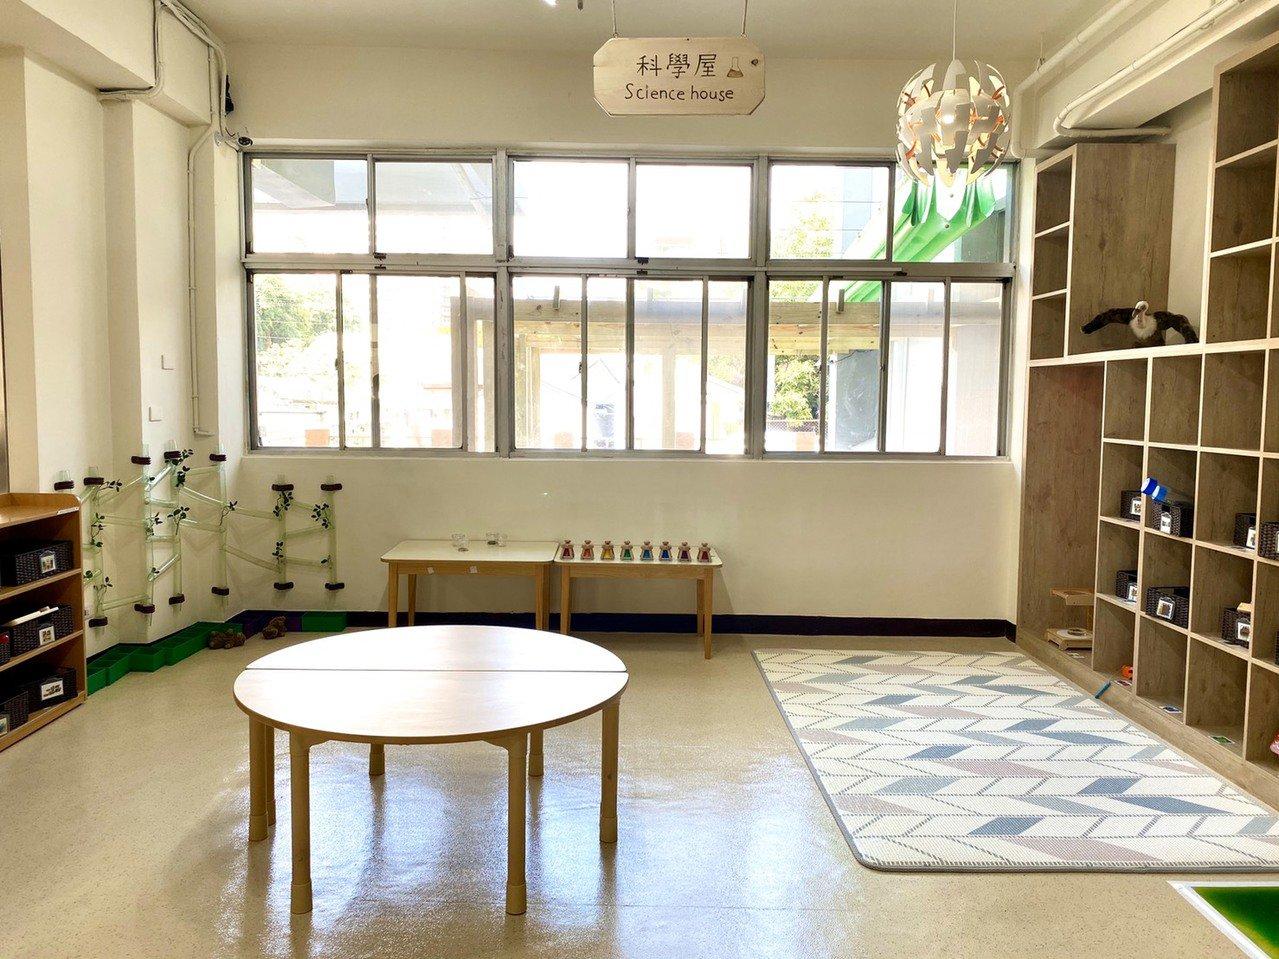 啟發孩子科學技能的「科學屋」。記者魏莨伊/攝影